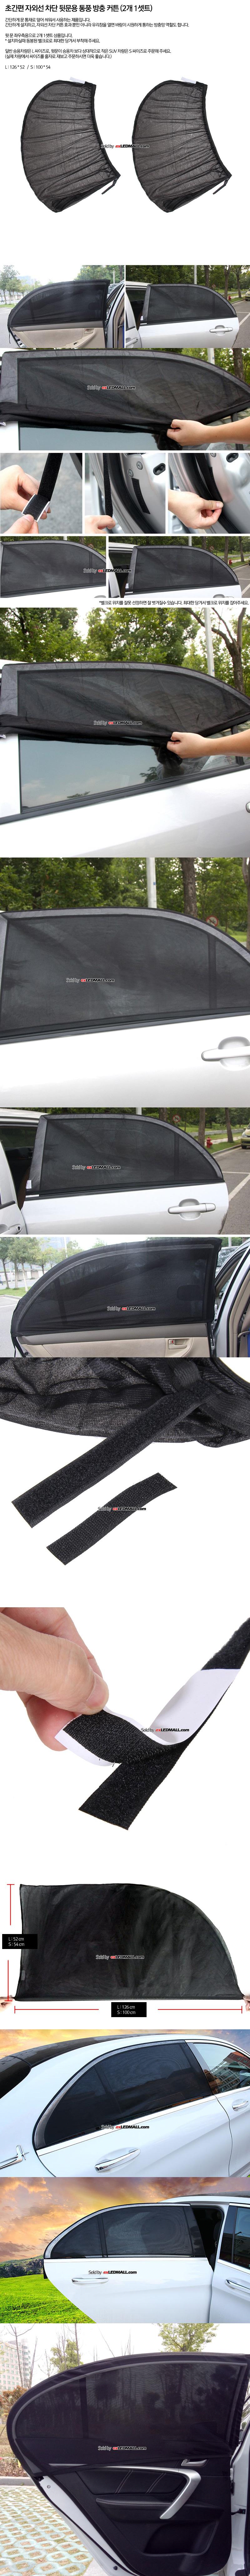 초간편 자외선 차단 뒷문용 통풍 방충 커튼 (2개 1셋트)